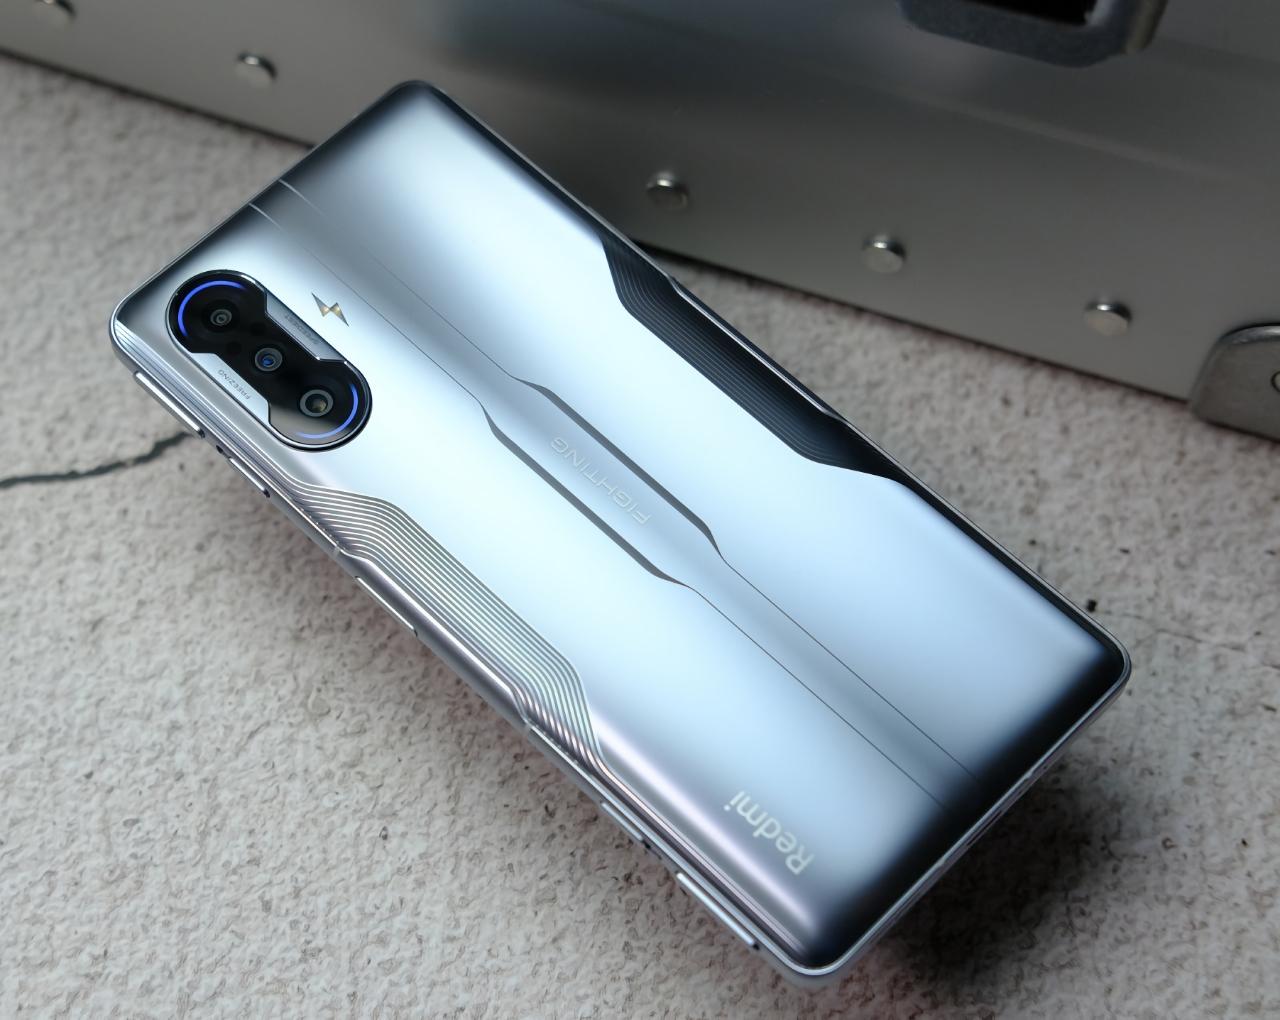 Глобальный анонс не за горами: игровой смартфон Redmi K40 Gaming Edition появился в Google Play Console